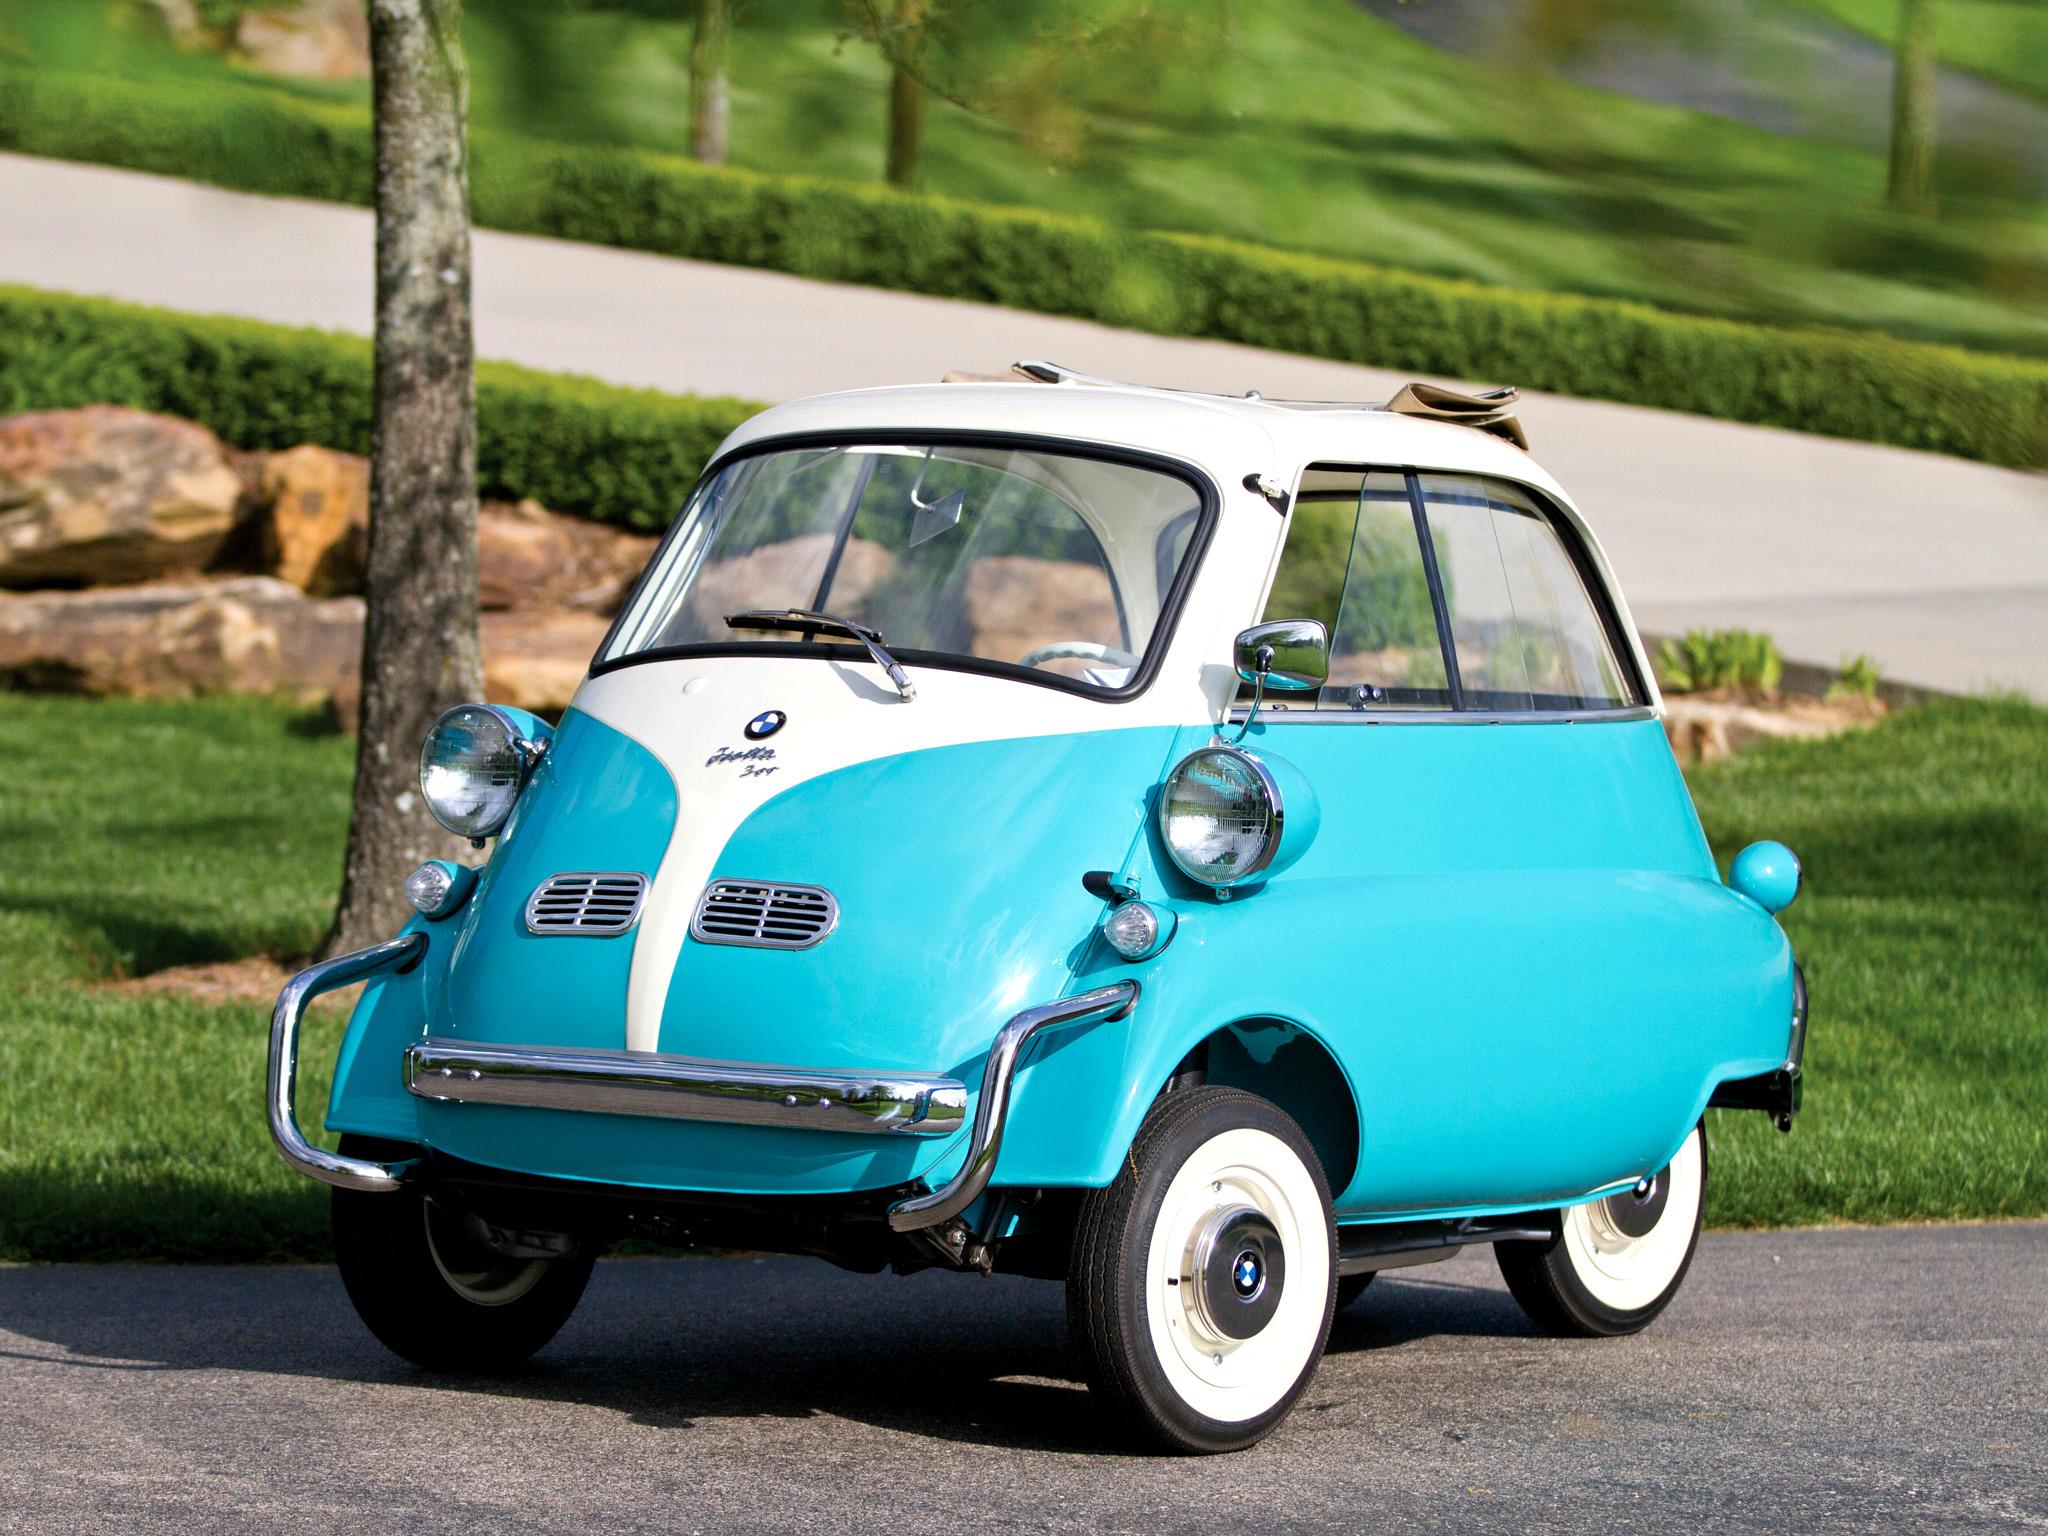 1957 Bmw Isetta 300 Us-spec